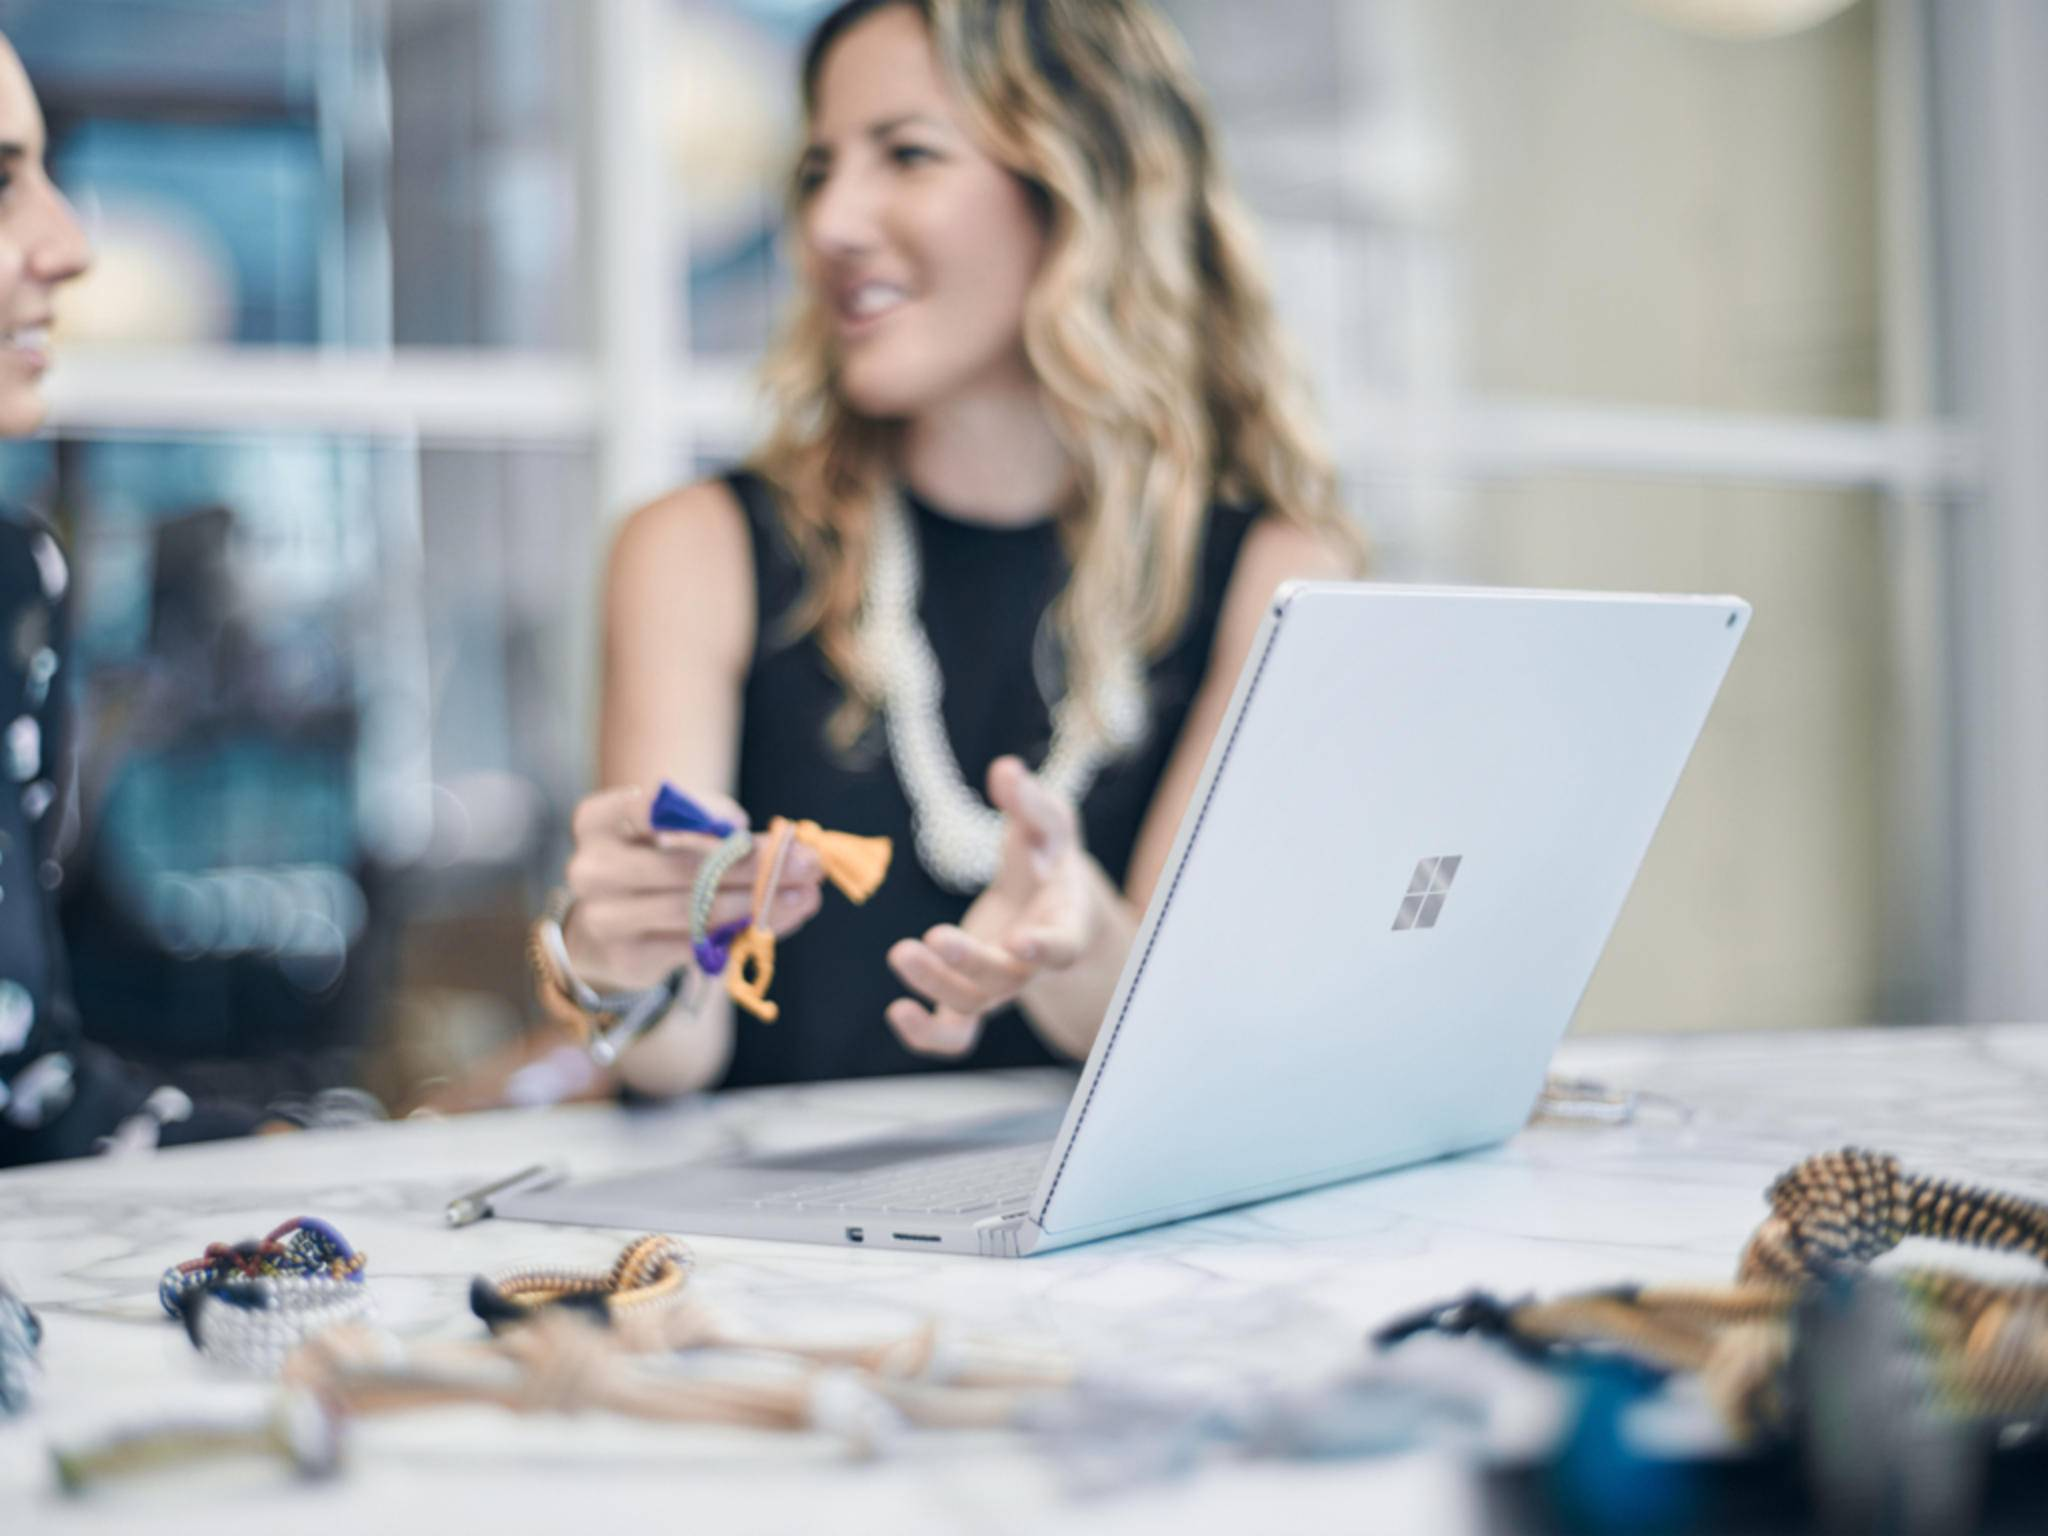 Das Surface Book ist teuer, bietet aber reichlich Leistung.